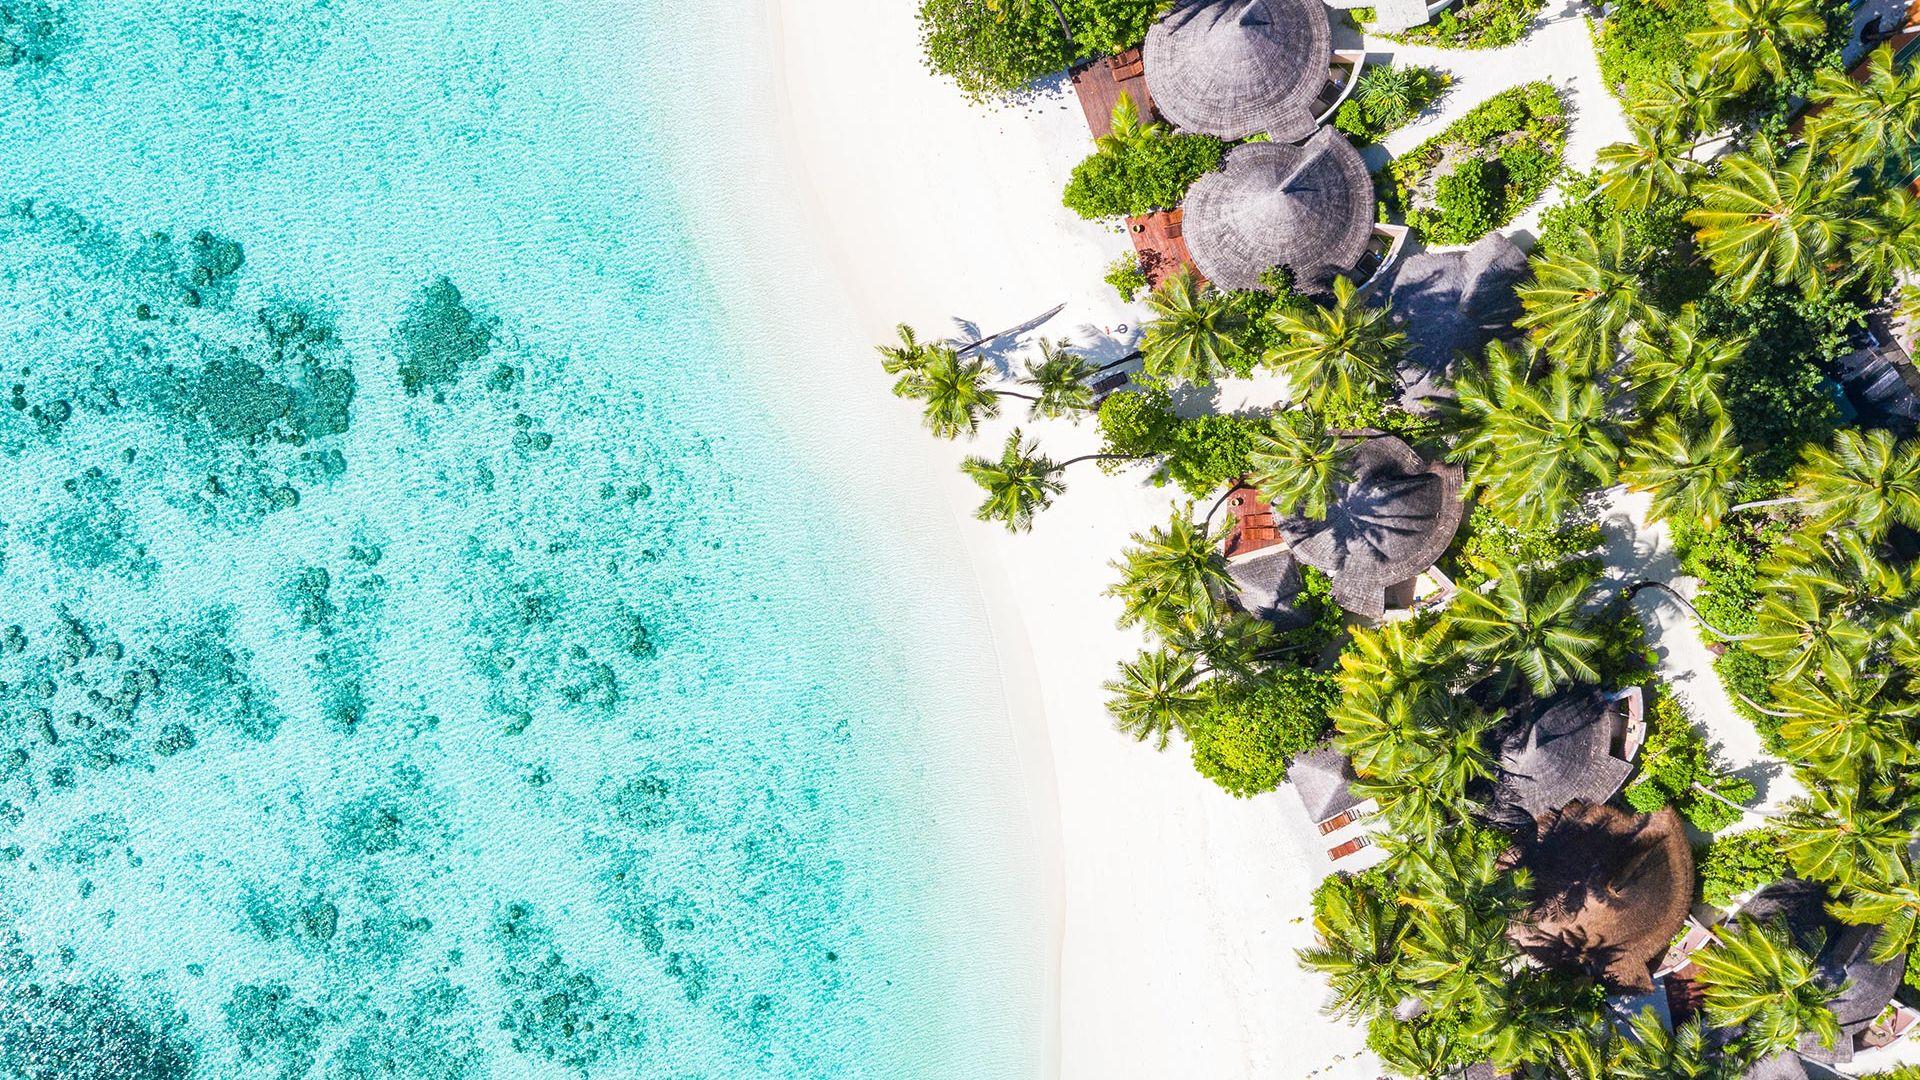 Craciun 2021 - Sejur Charter All Inclusive Maldive, 10 zile